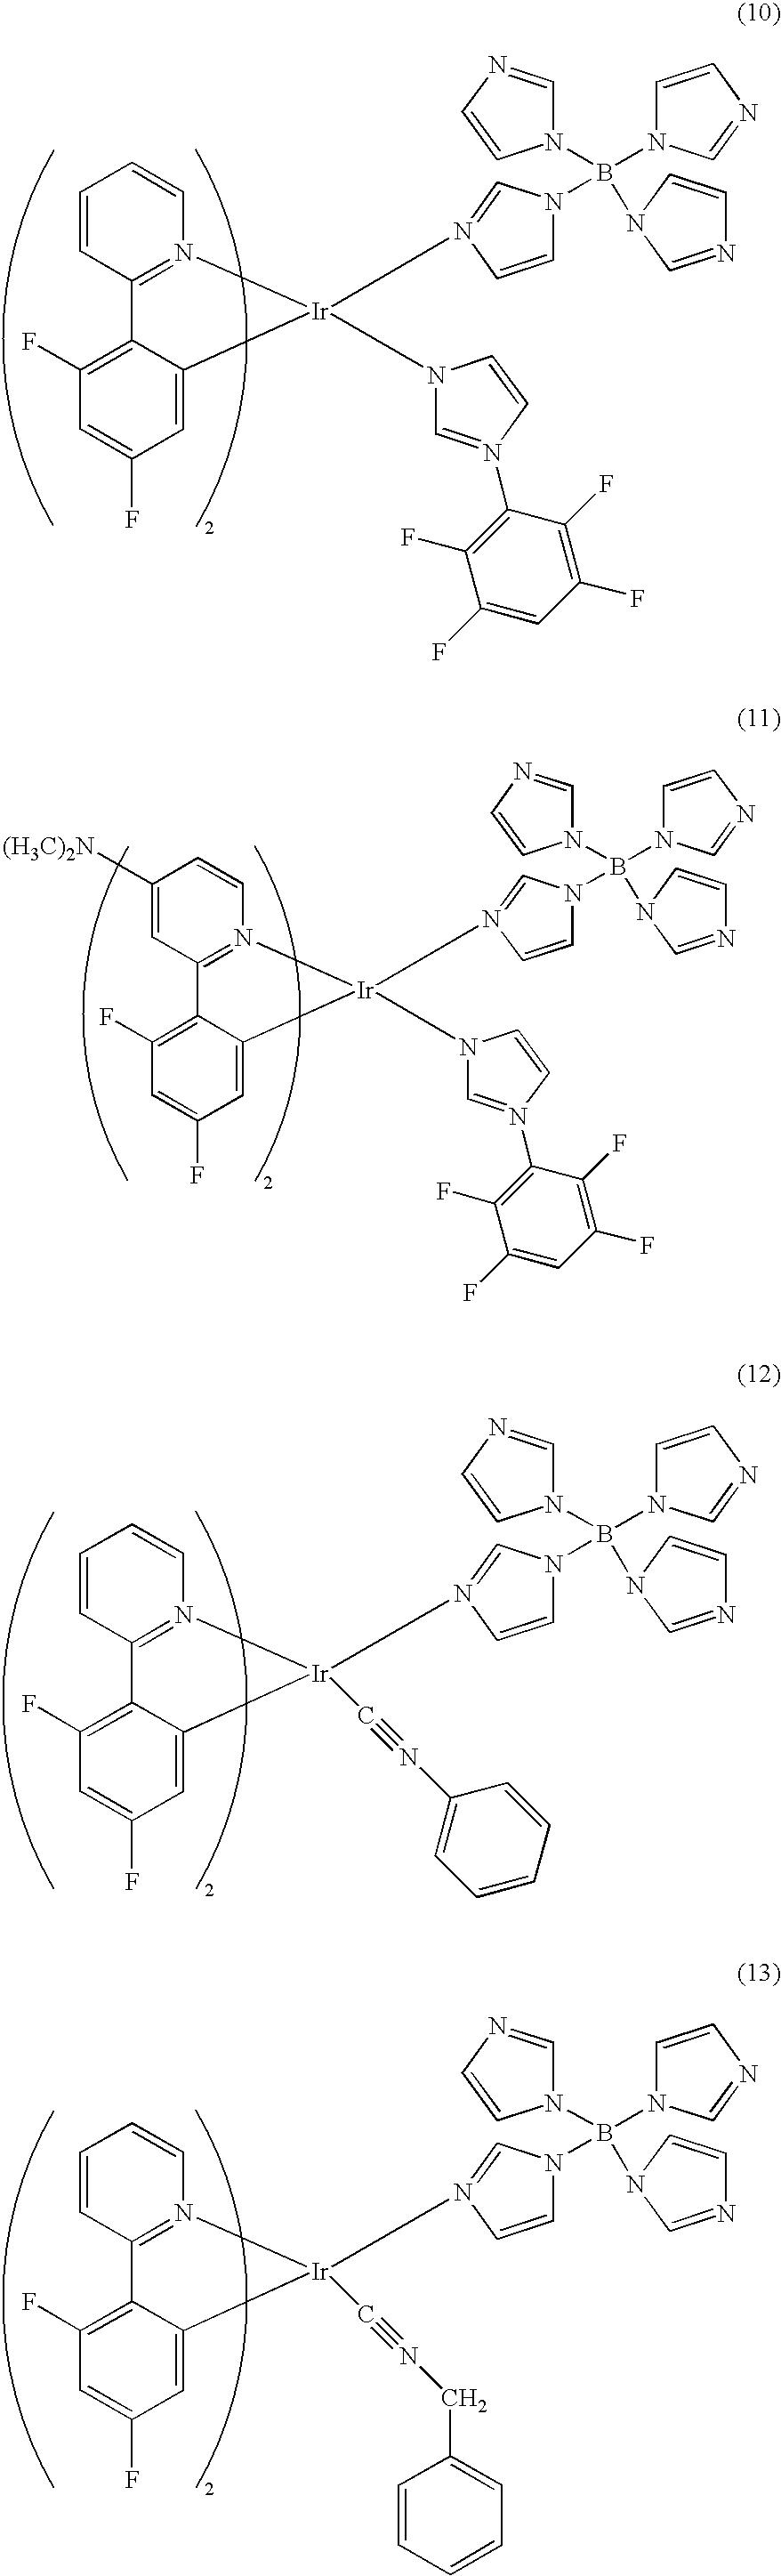 Figure US20060177695A1-20060810-C00044